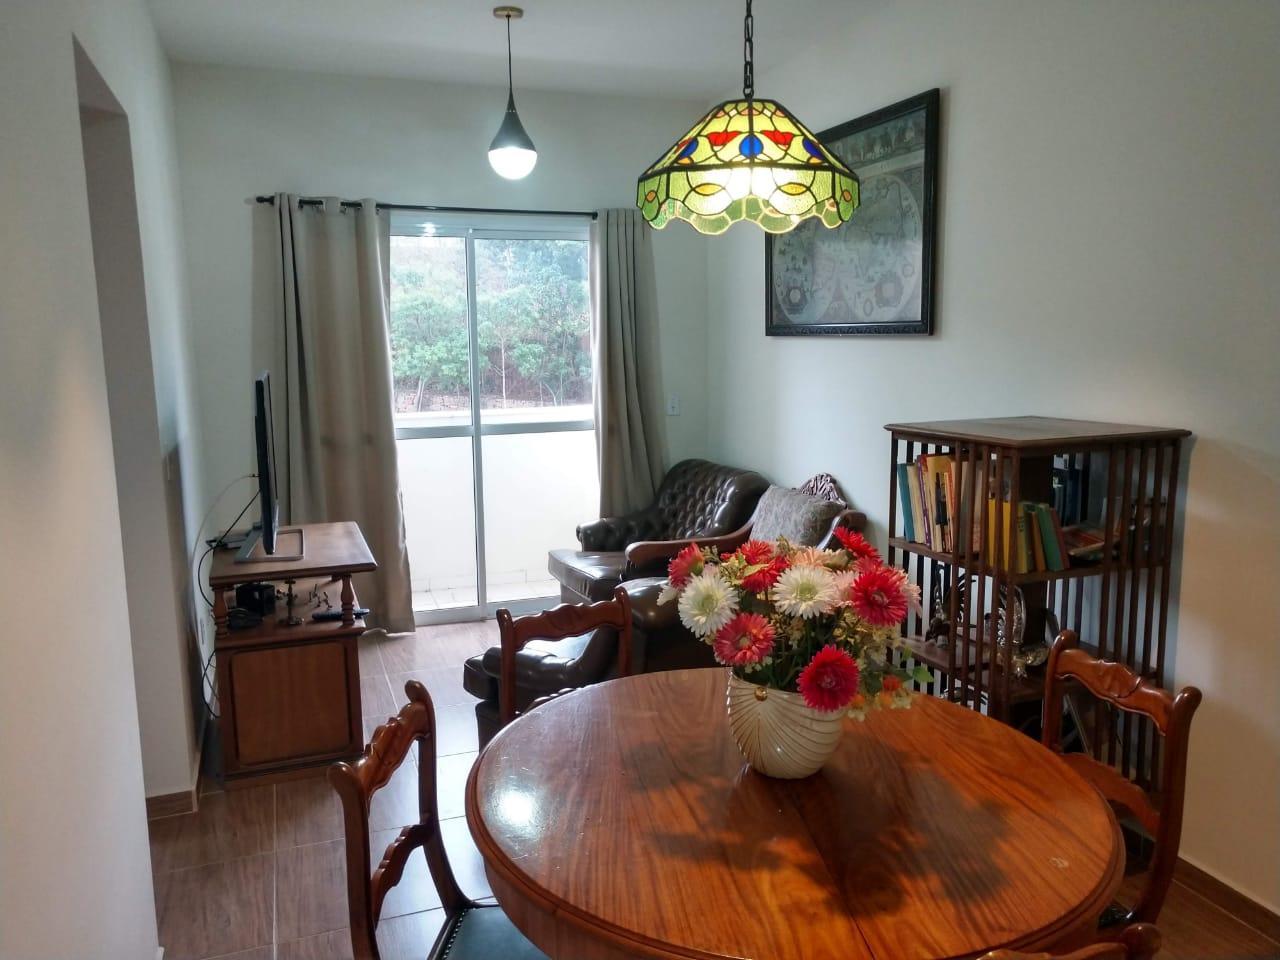 Apartamento com 2 dormitórios à venda, 58 m² por R$ 170.000 - EDIFICIO UP TOWER PONTE - Itatiba/SP